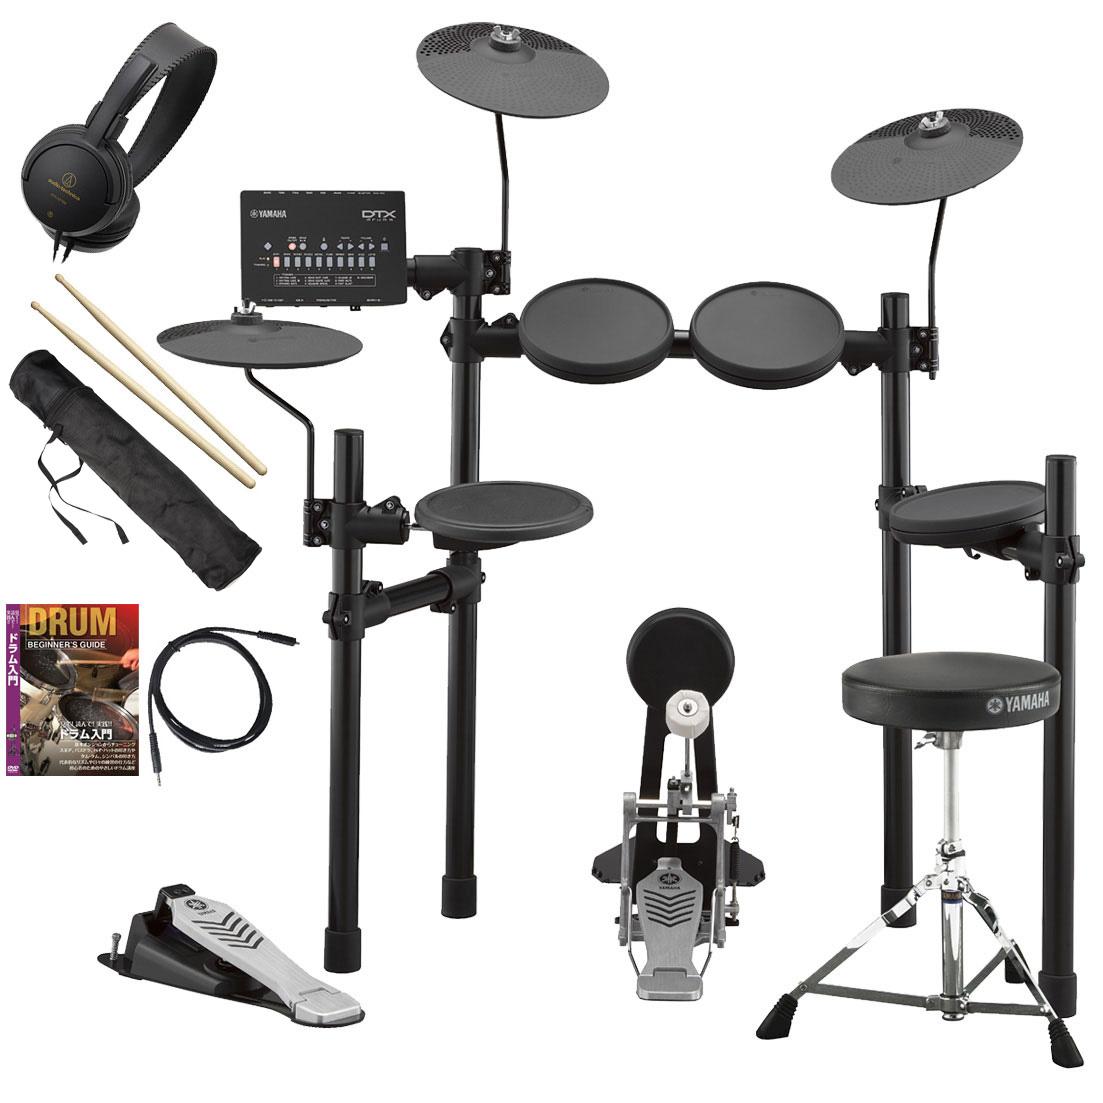 YAMAHA / DTX452KS 電子ドラム オリジナルスターターパック【YRK】